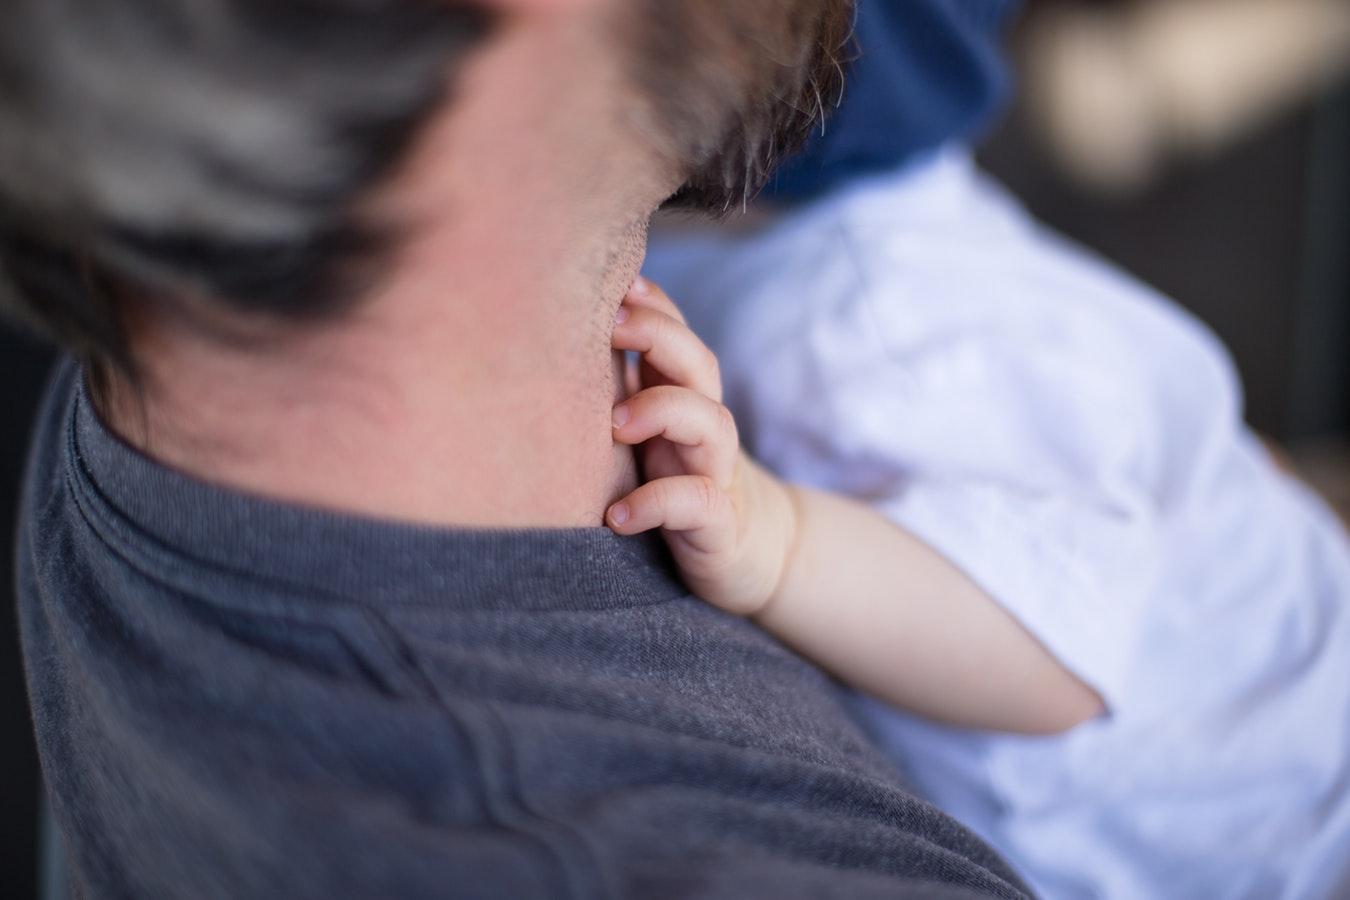 vaderschapskwaliteit